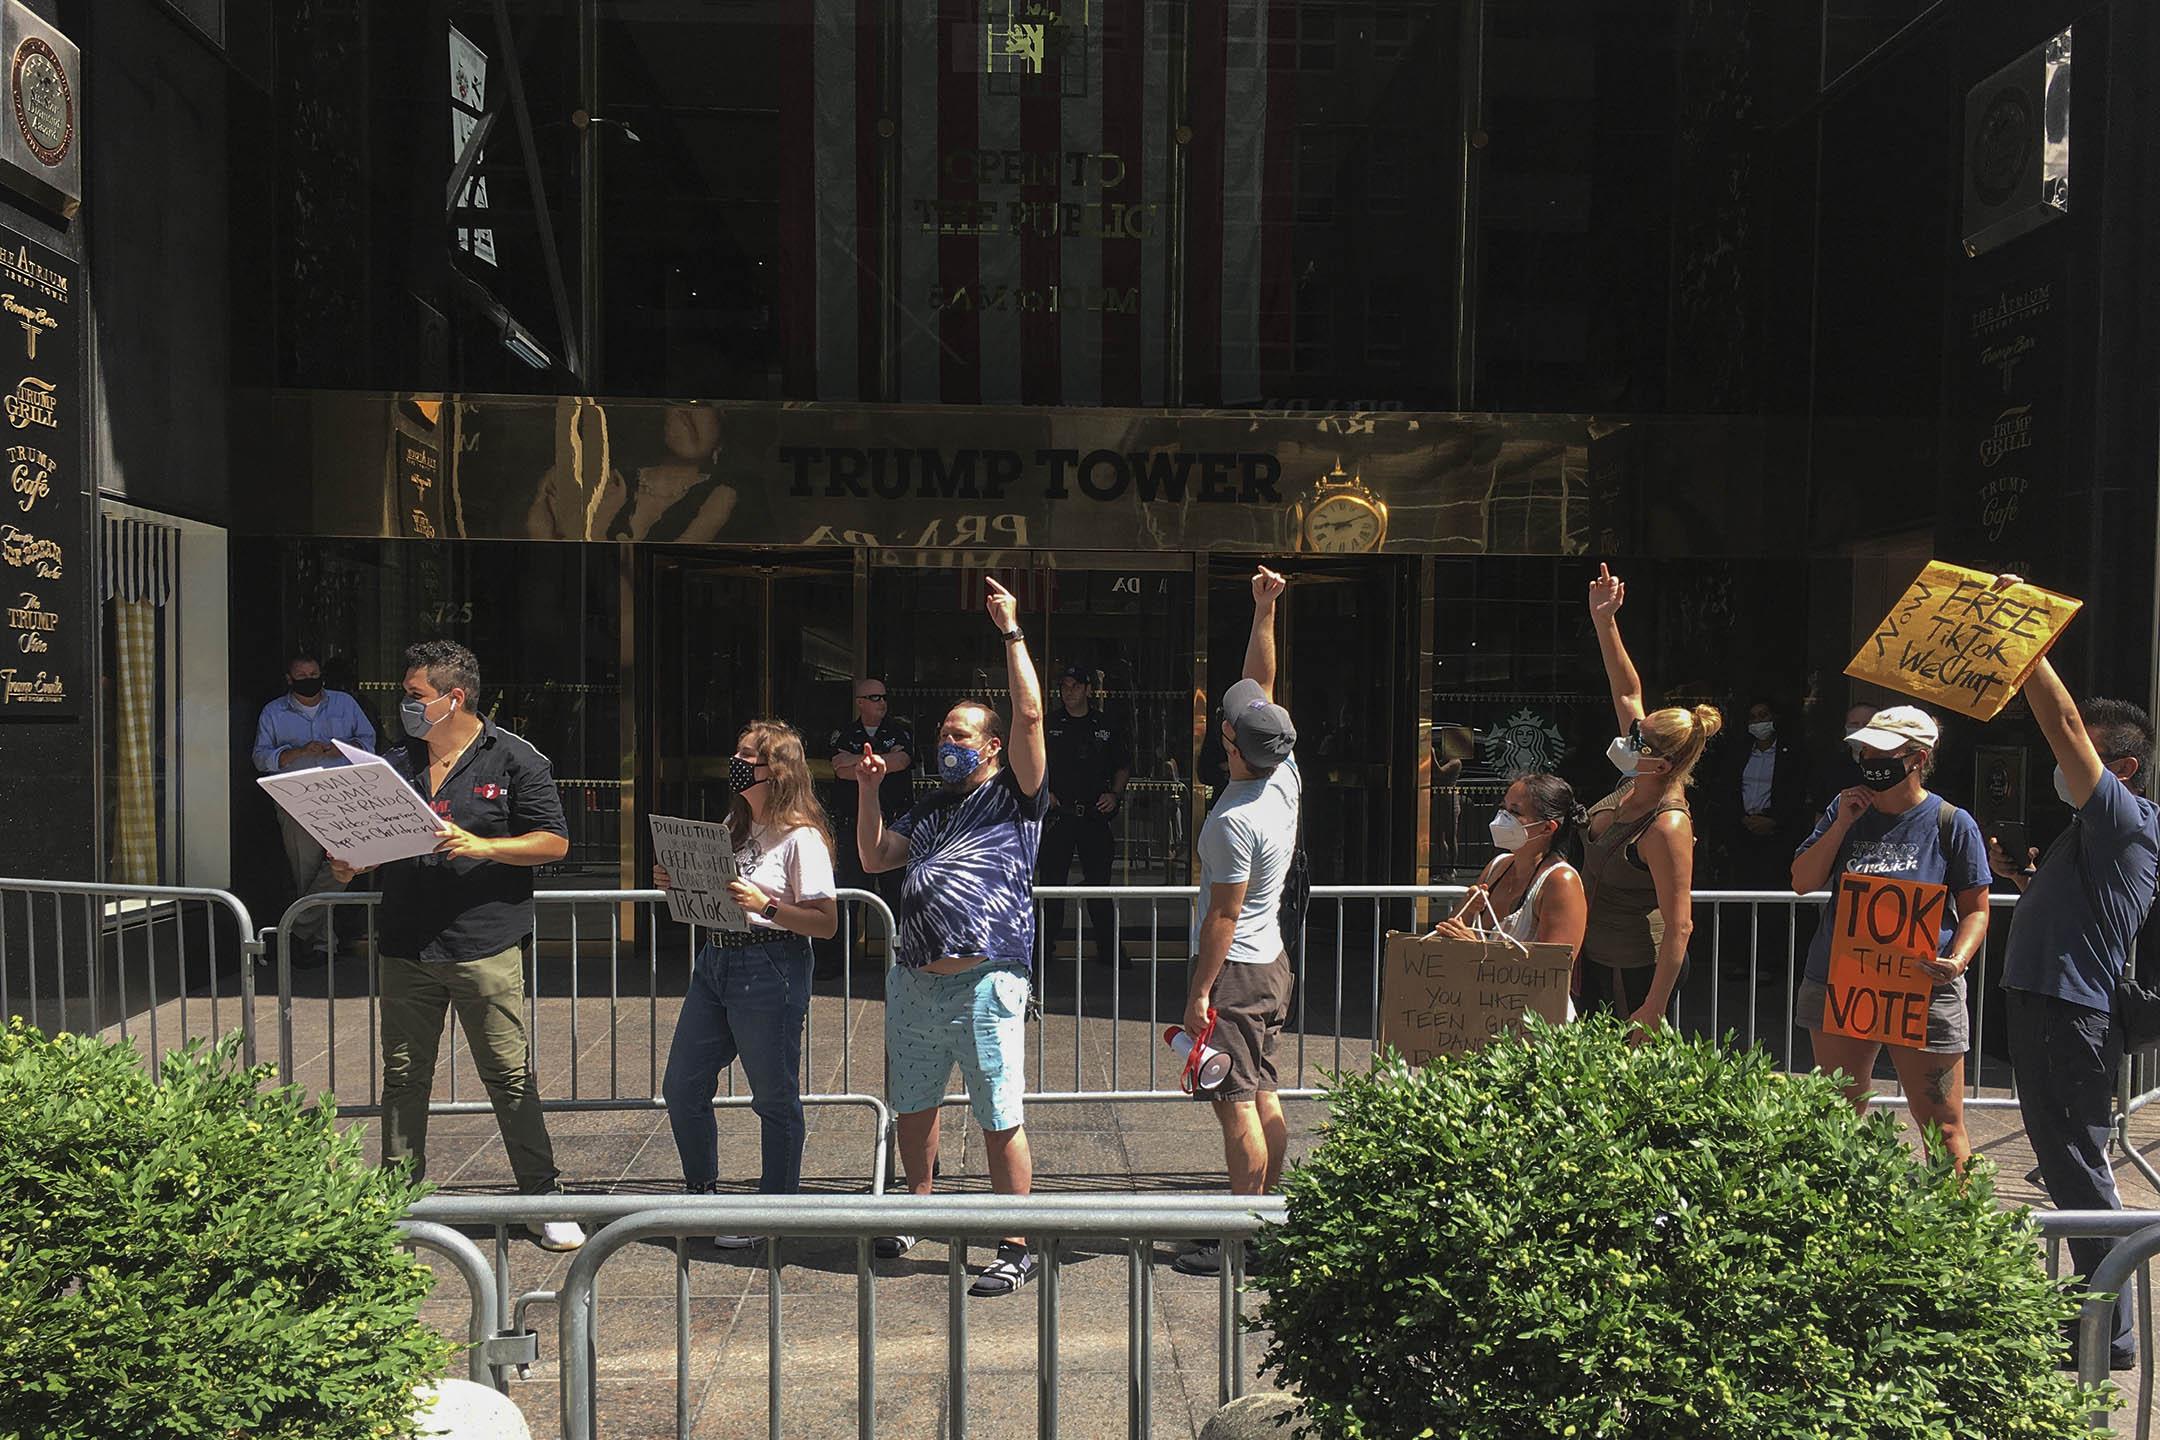 2020年9月18日,Tik Tok的積極分子和喜劇演員Walter Masterson在曼哈頓的Trump Tower外組織了一場抗議活動,反對特朗普早前頒布有關微信的禁令。 圖:AP/達志影像